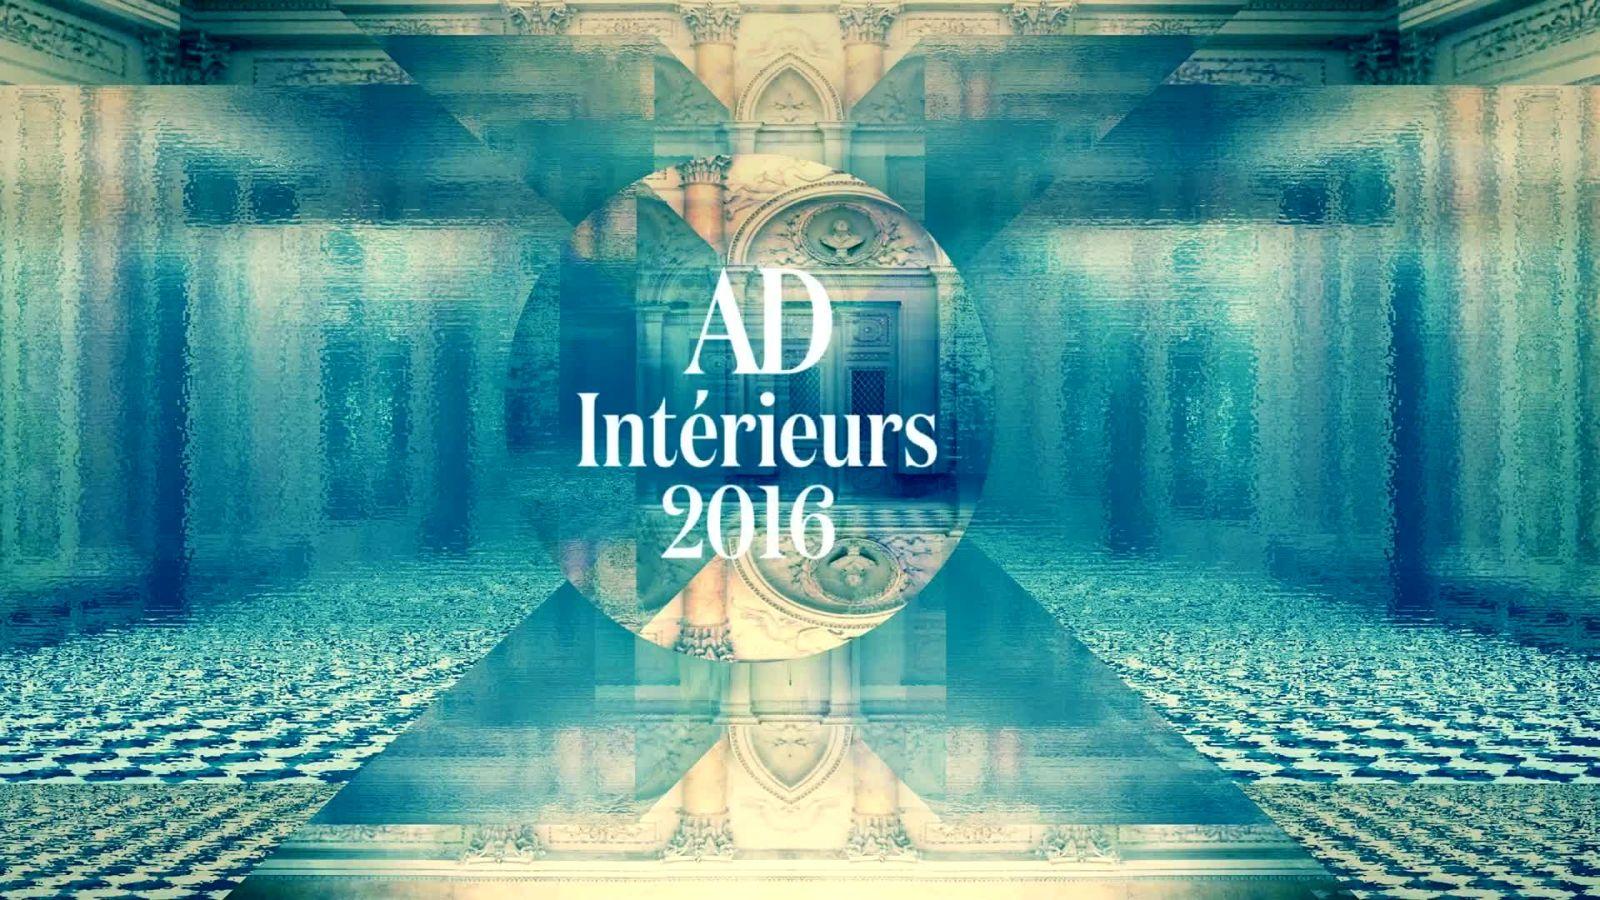 AD Intérieurs 2016 - Univers de collectionneurs